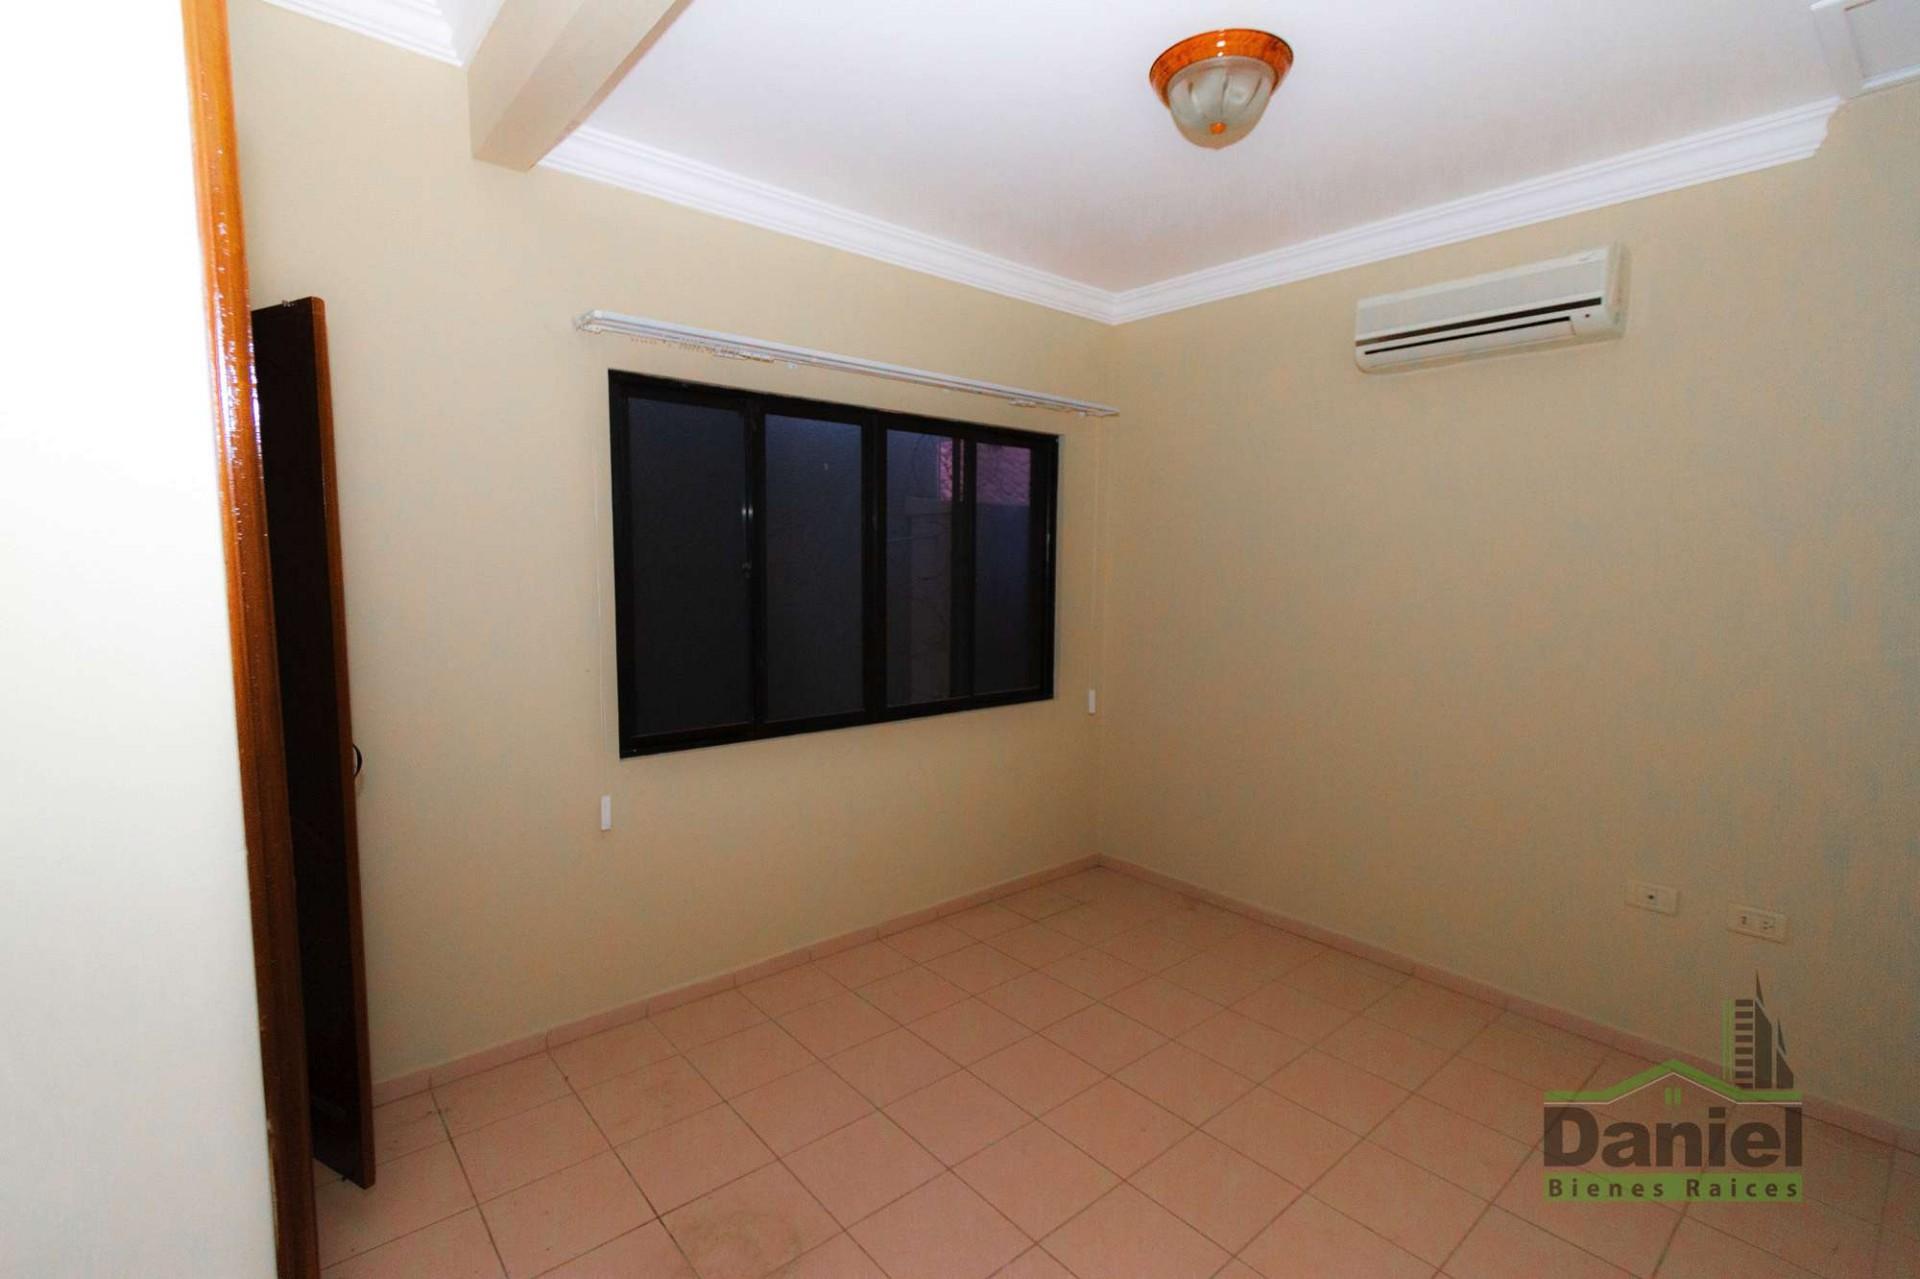 Casa en Venta CASA GRANDE ENTRE 4TO Y 5TO ANILLO RADIAL 27 Foto 7